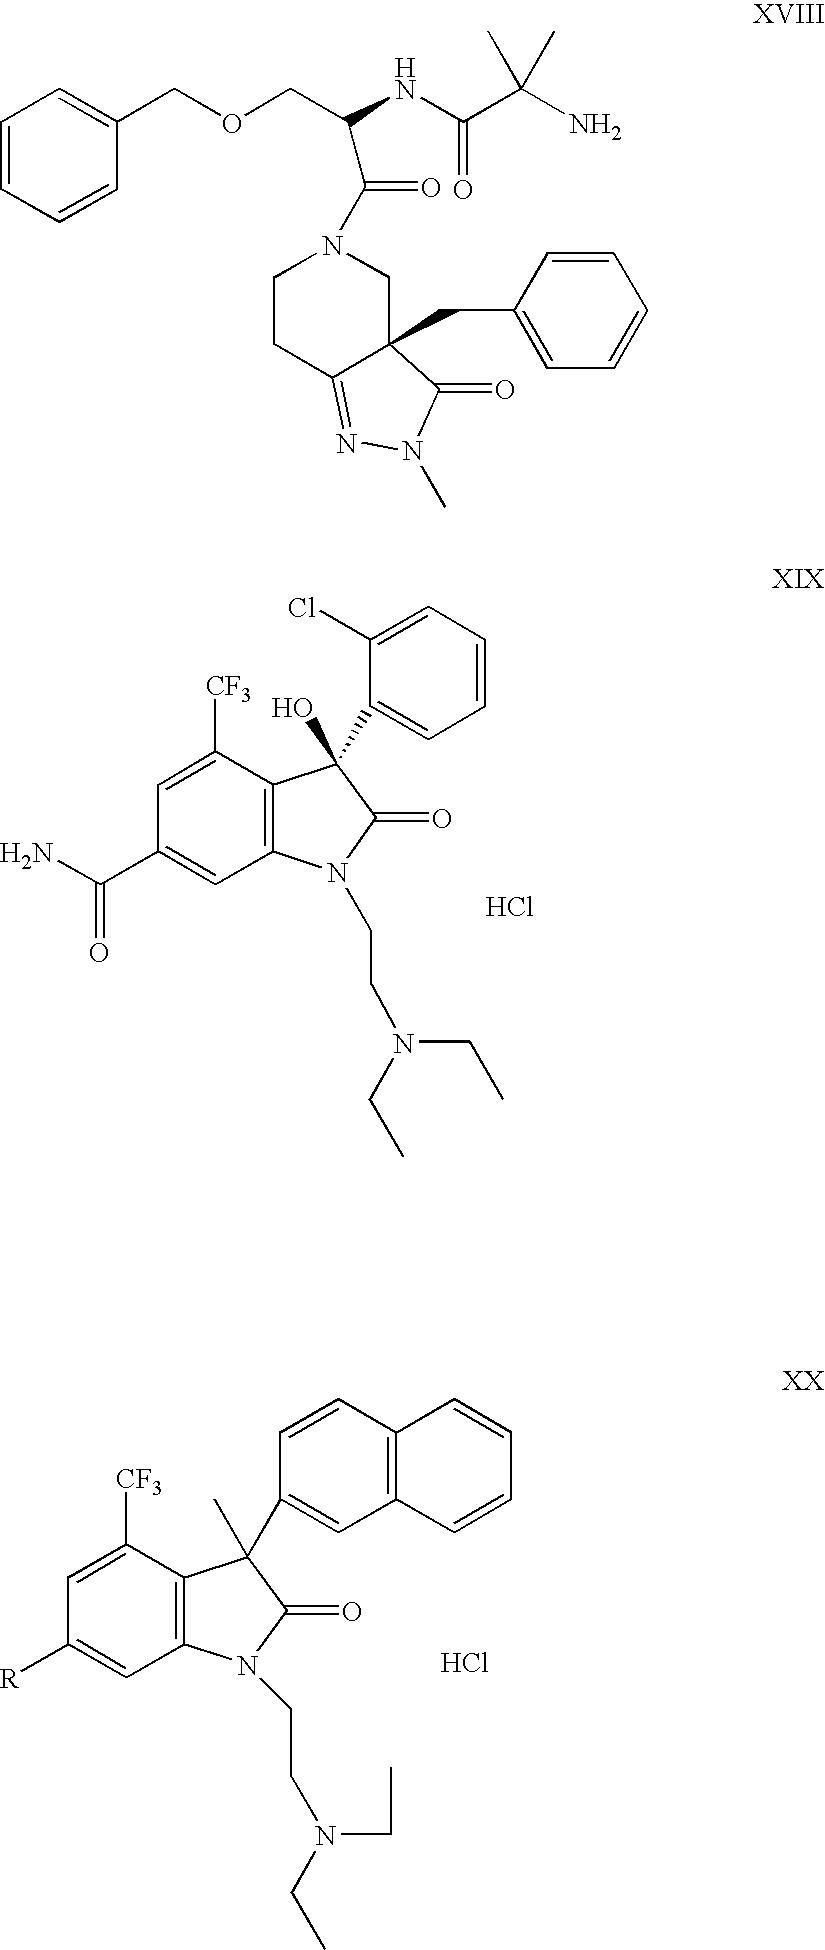 Figure US20050261201A1-20051124-C00094